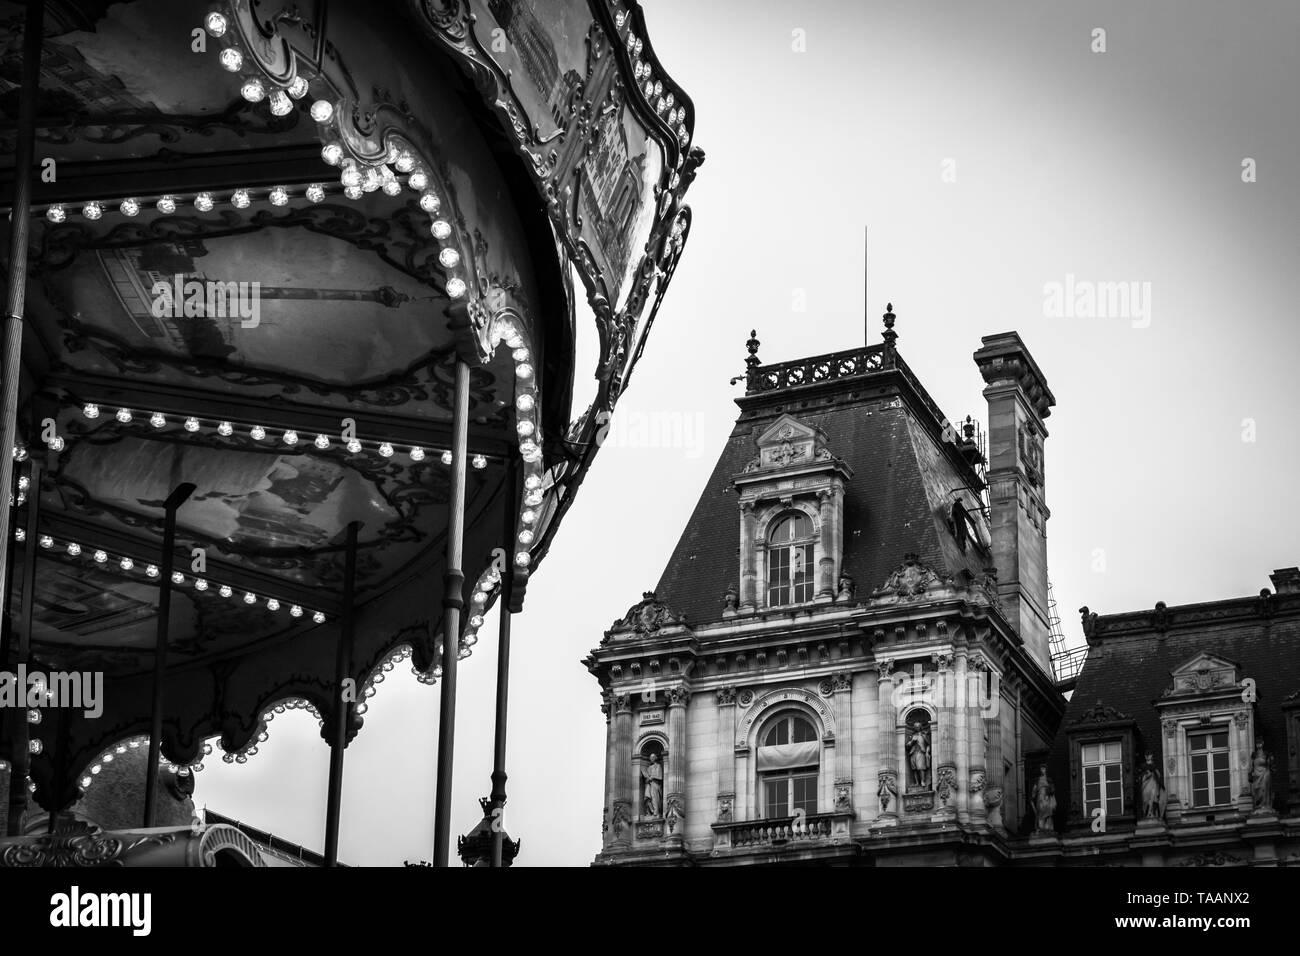 Paysage Vintage en noir et blanc contrasté du Carrousel de la Place de l'Hôtel de Ville de Paris Banque D'Images